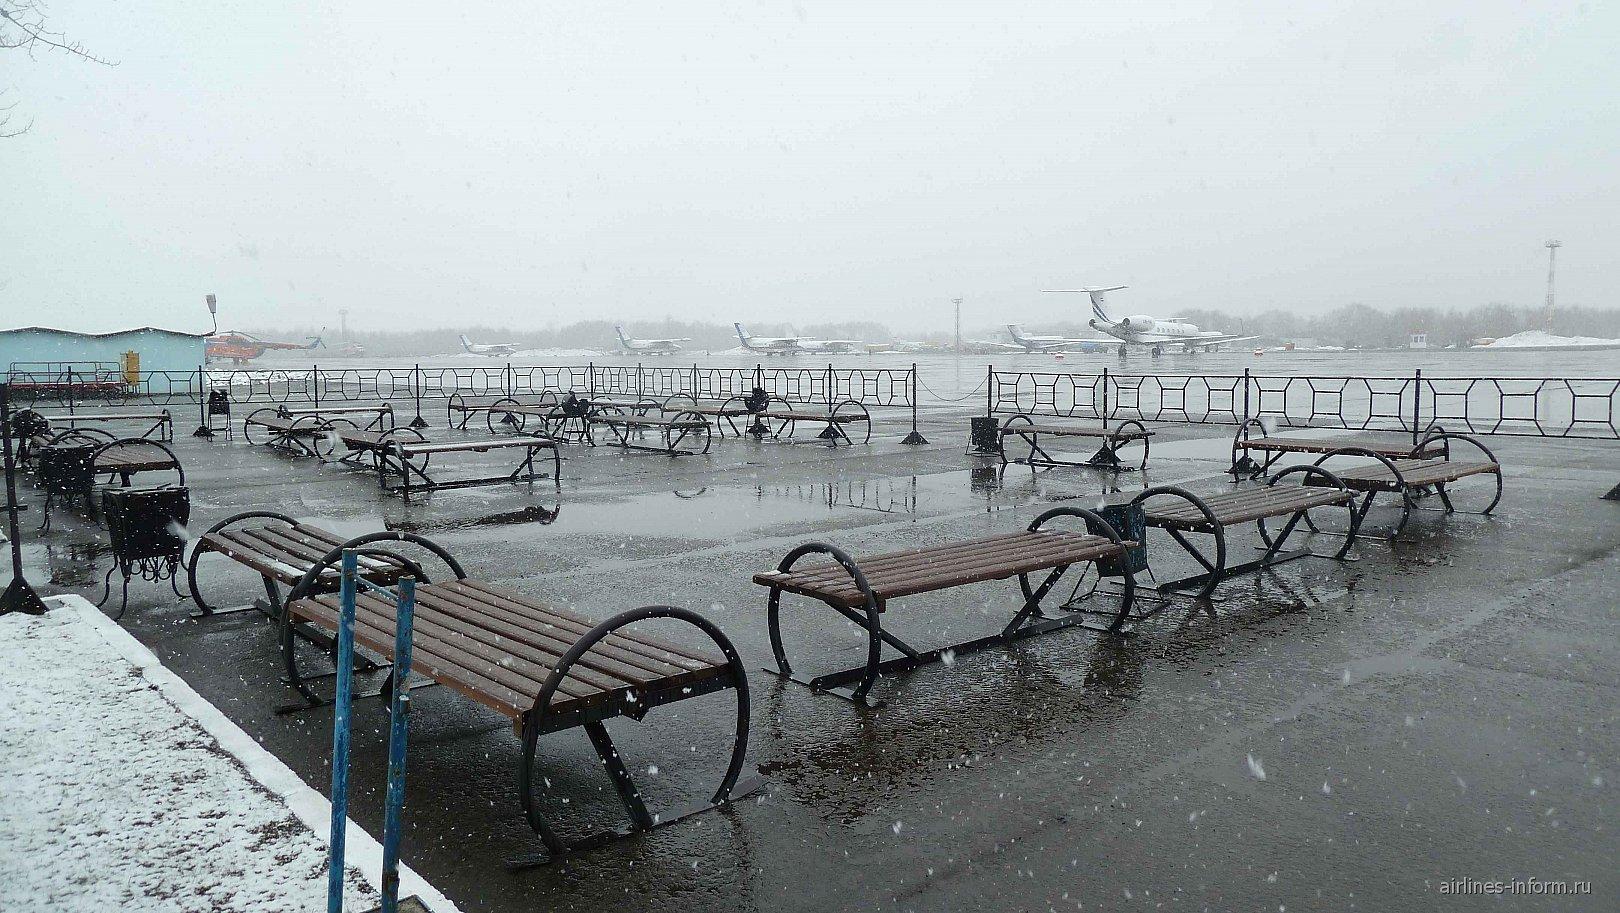 Уличная площадка для пассажиров в аэропорту Елизово Петропавловска-Камчатского